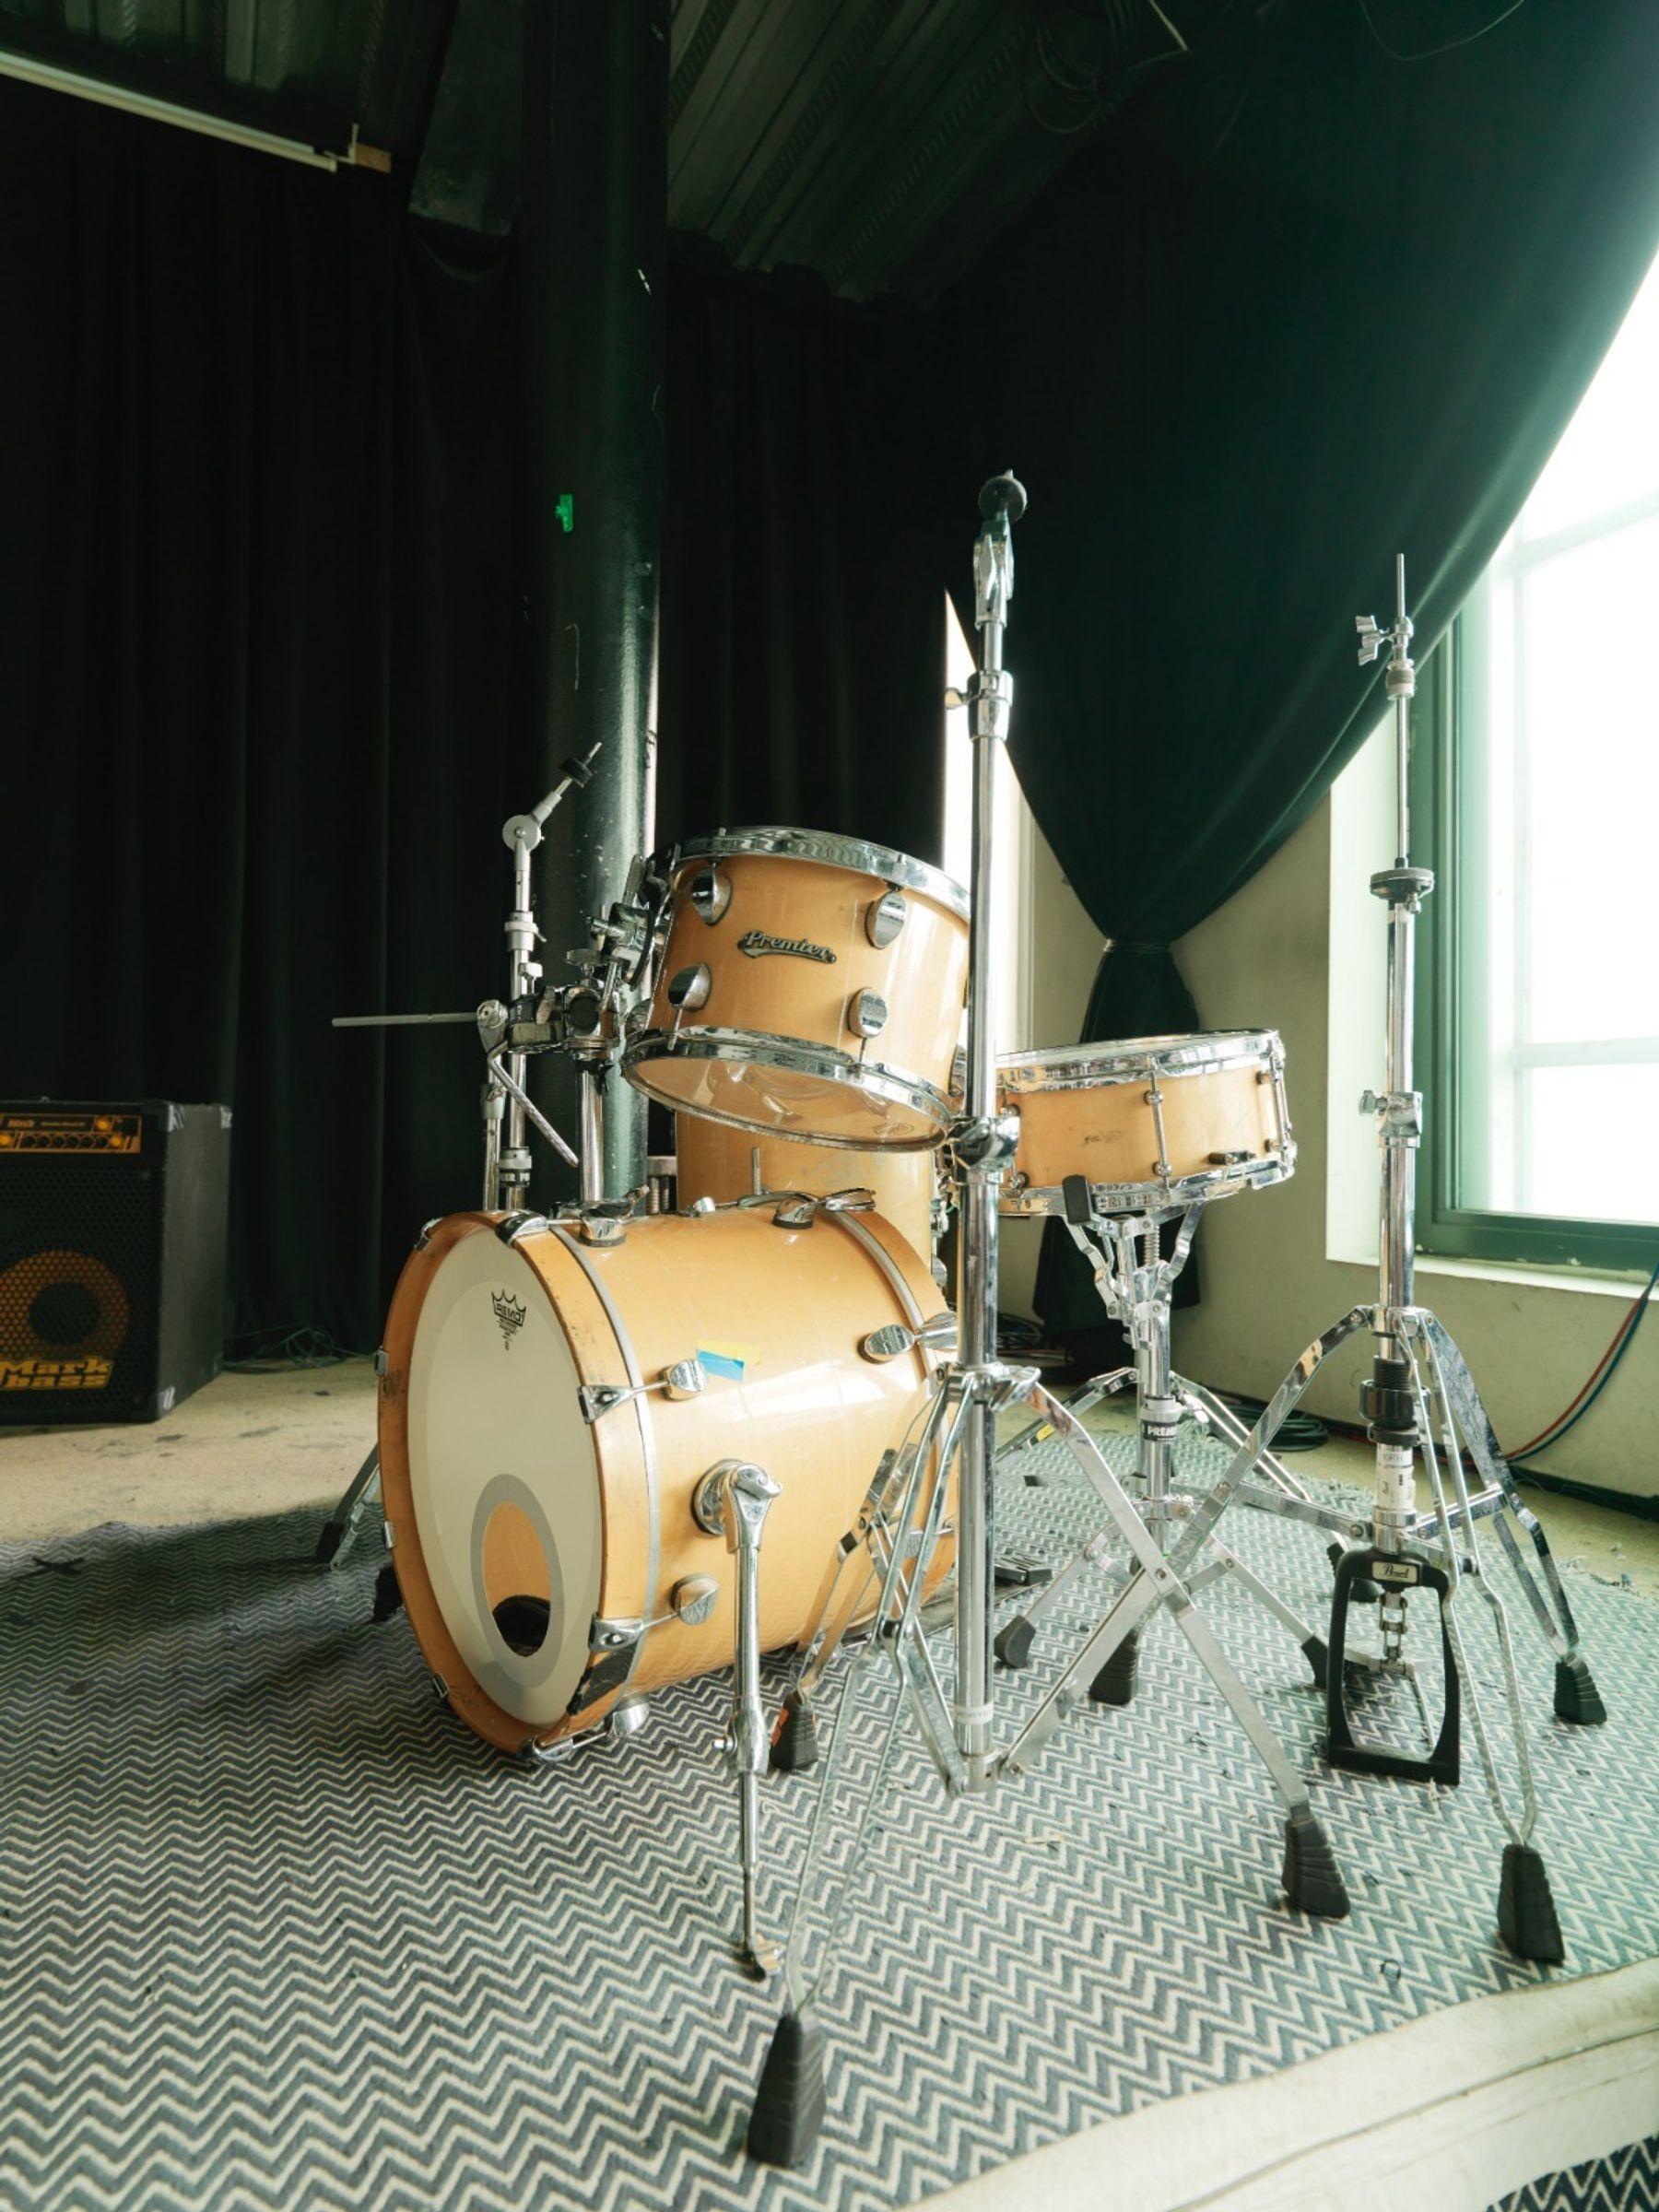 Daytime Hire at the Vortex Jazz Club (Dalston) - Weekends